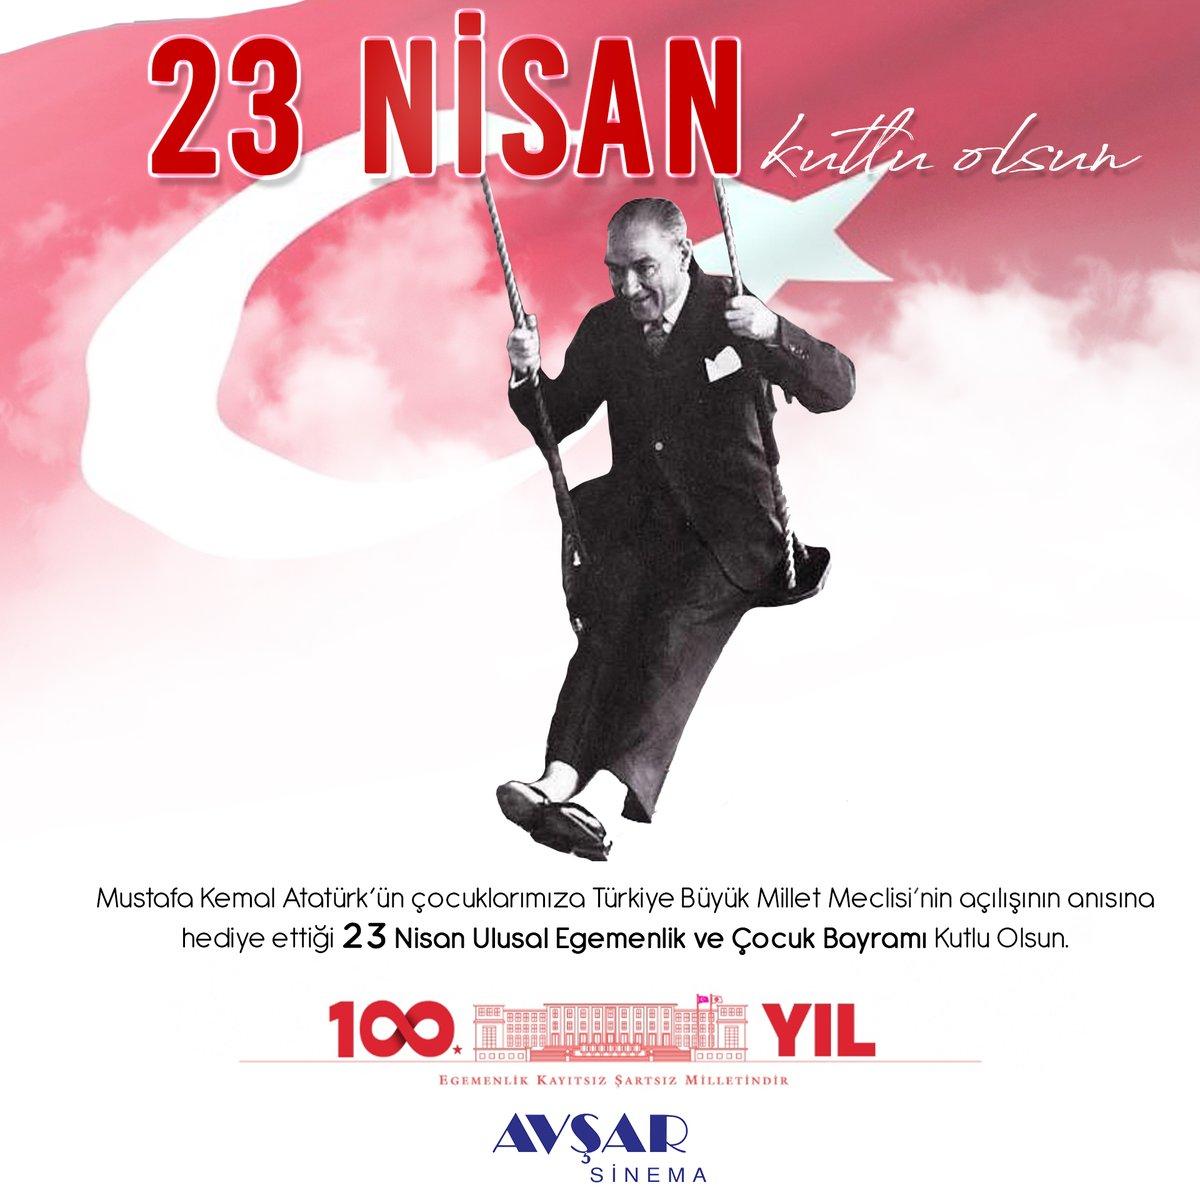 Mustafa Kemal Atatürk'ün çocuklarımıza Türkiye Büyük Millet Meclisi'nin açılışının anısına hediye ettiği 23 Nisan Ulusal Egemenlik ve Çocuk Bayramı Kutlu Olsun.  #23NisanKutluOlsun https://t.co/UzXqQX9ocZ